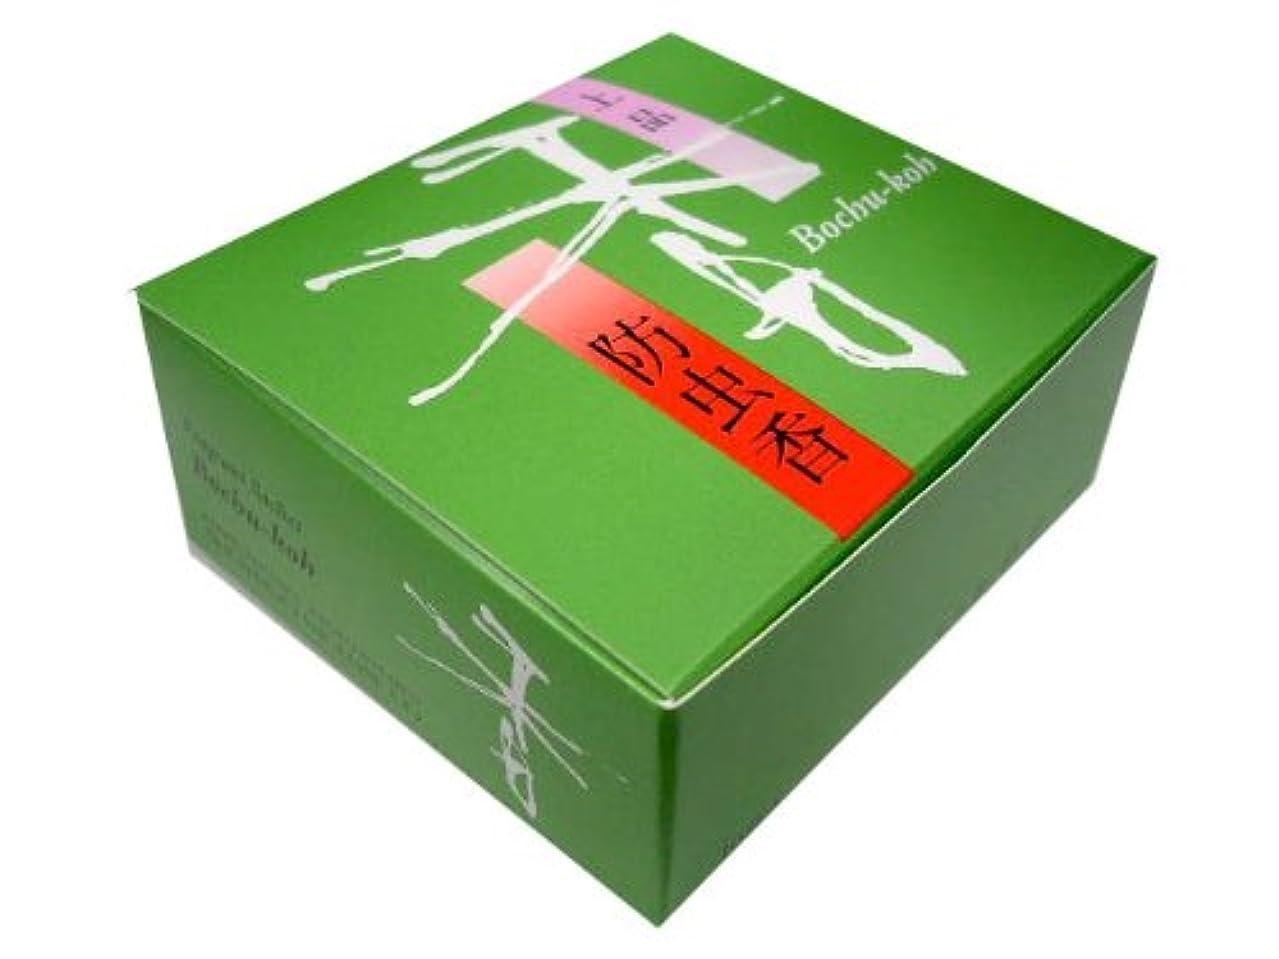 三角有名段階松栄堂の防虫香 上品 防虫香 10袋入 #520138